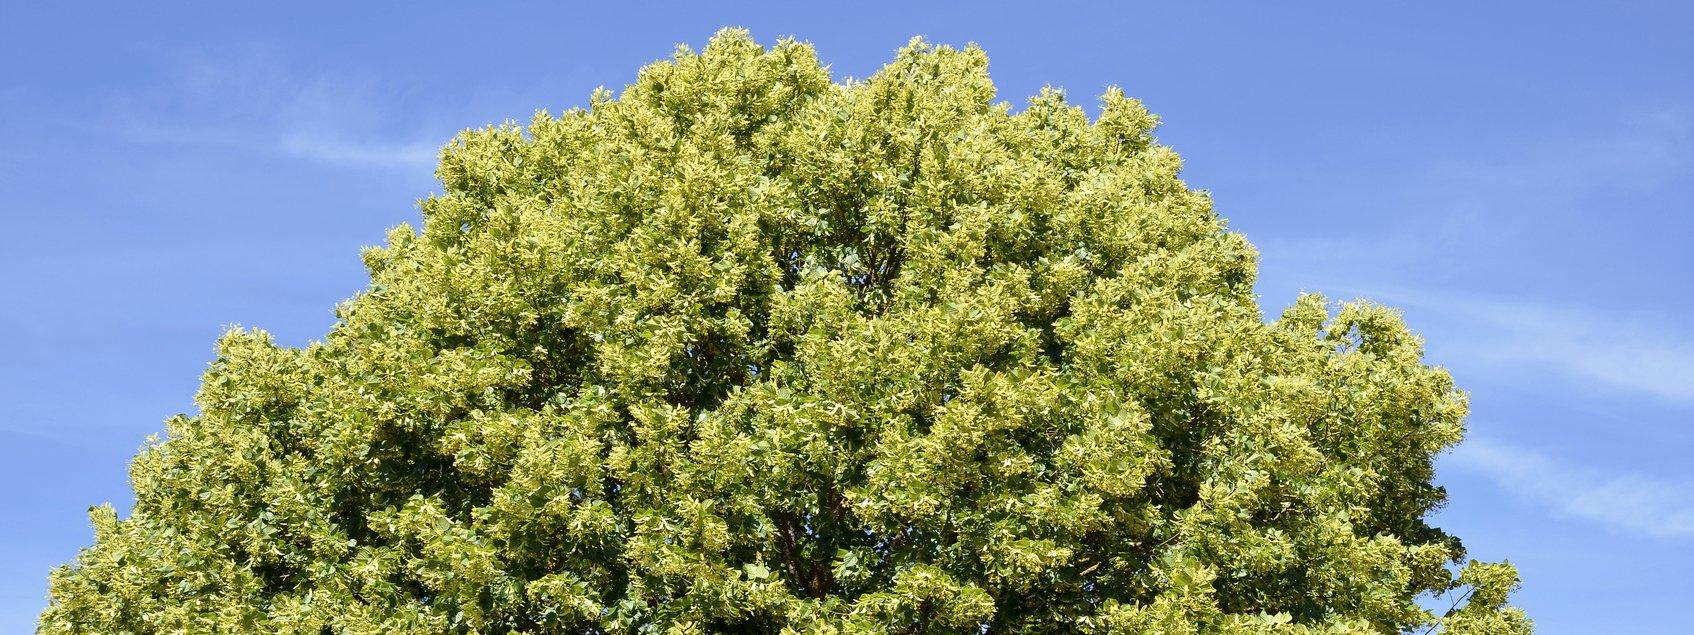 Alberi Ornamentali Da Giardino alberi per giardino: ecco cinque a crescita rapida più